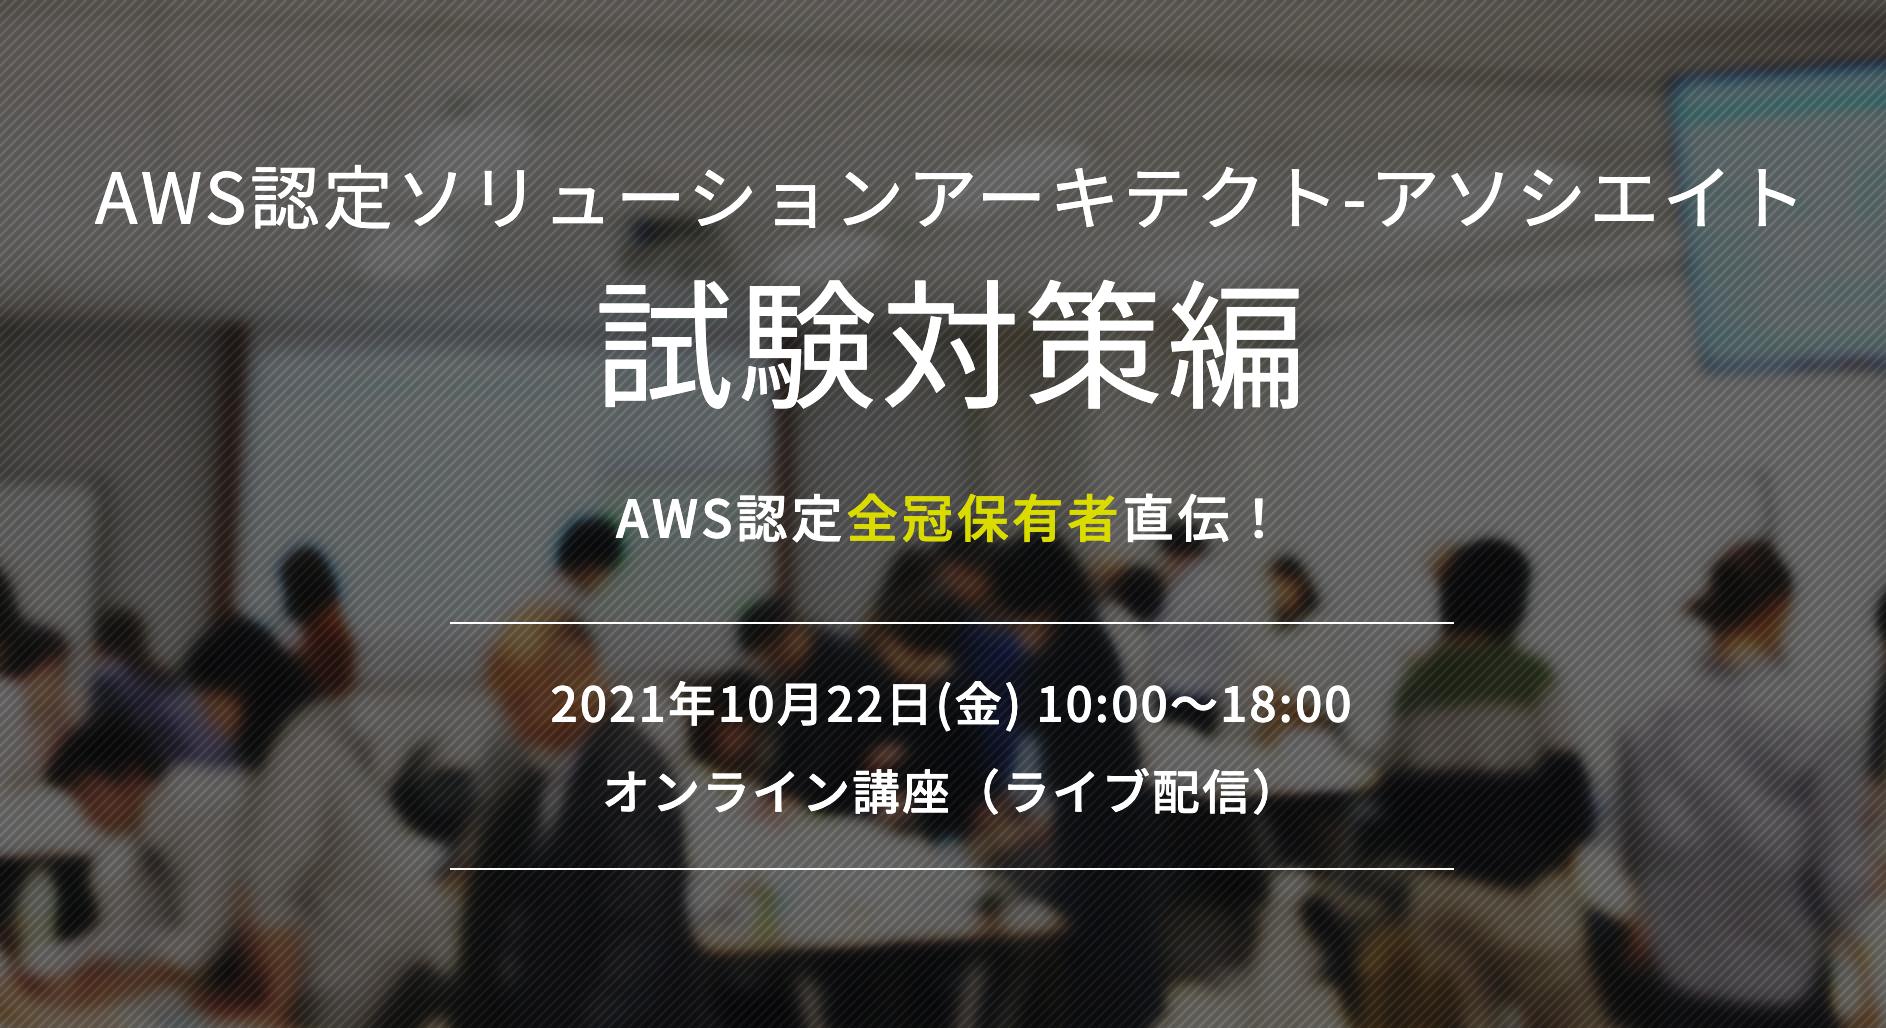 【10月22日】当社の小倉がAWS認定ソリューションアーキテクト-アソシエイト試験対策編の講師を務めます